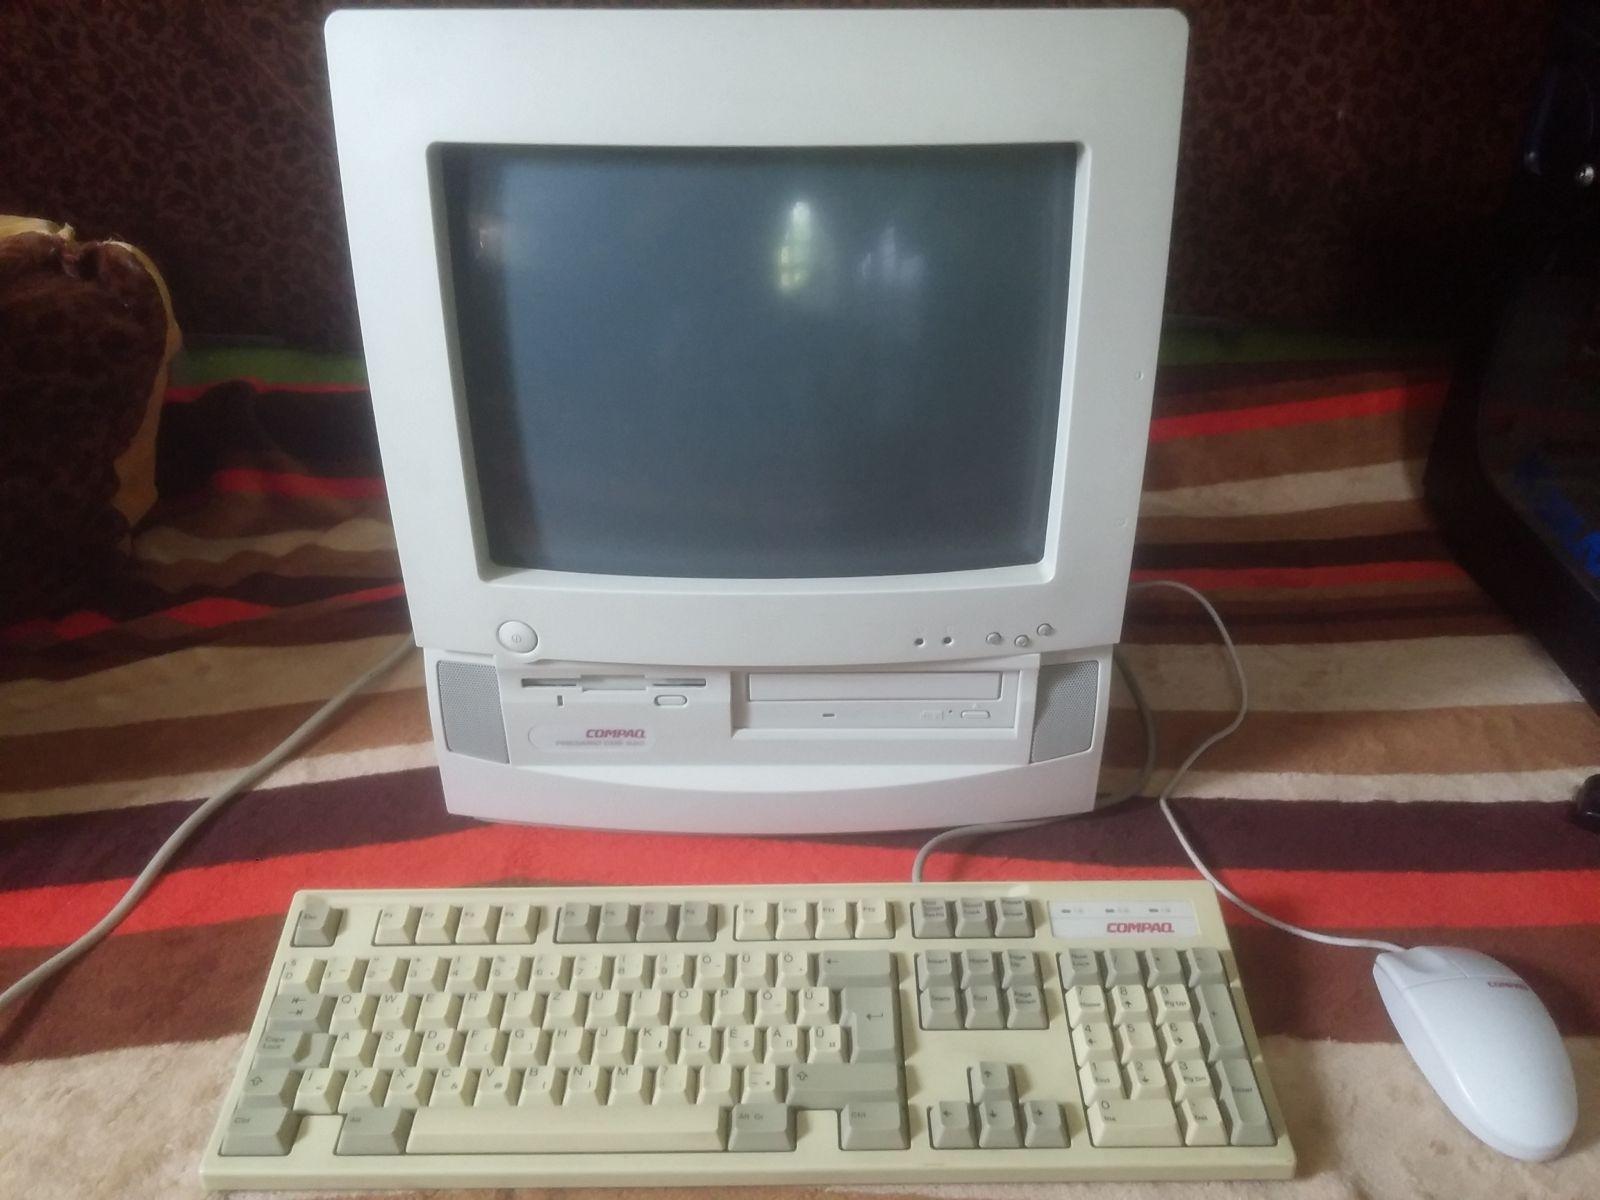 Compaq presario CDS 520 a praktikus retro gép